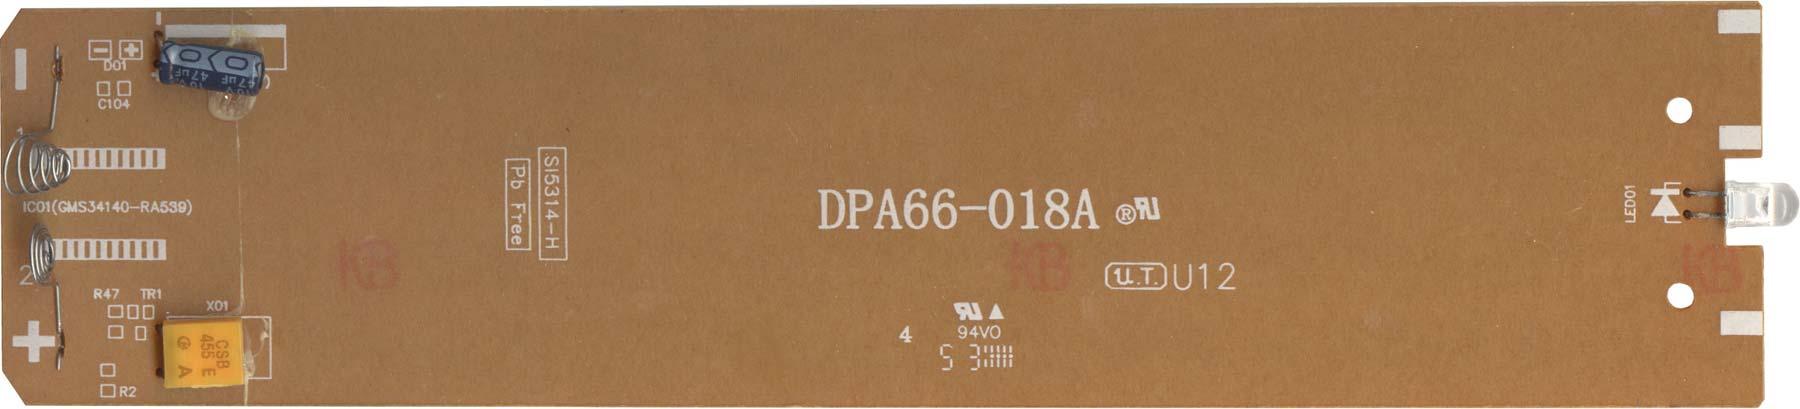 DPA66-018A Pb Free